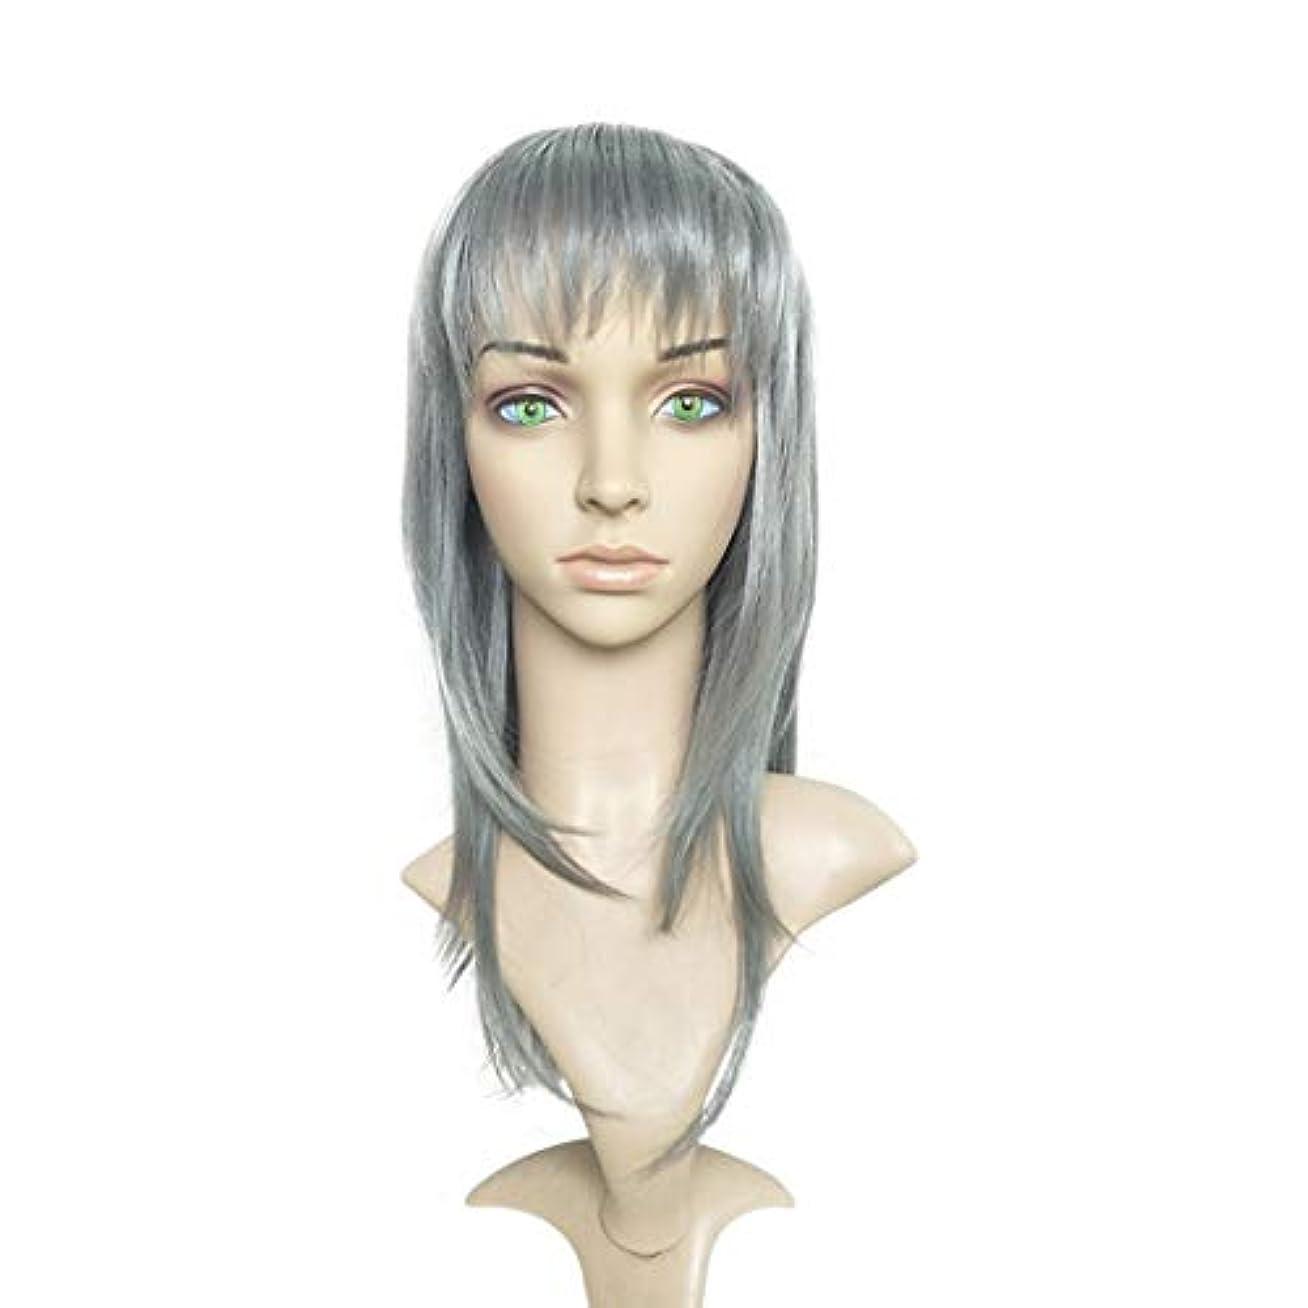 被る拮抗レジJIANFU ヨーロッパとアメリカのパーティーウィッグシルバーグレーブロークンバングストレートヘアウィッグ (色 : Silver gray)